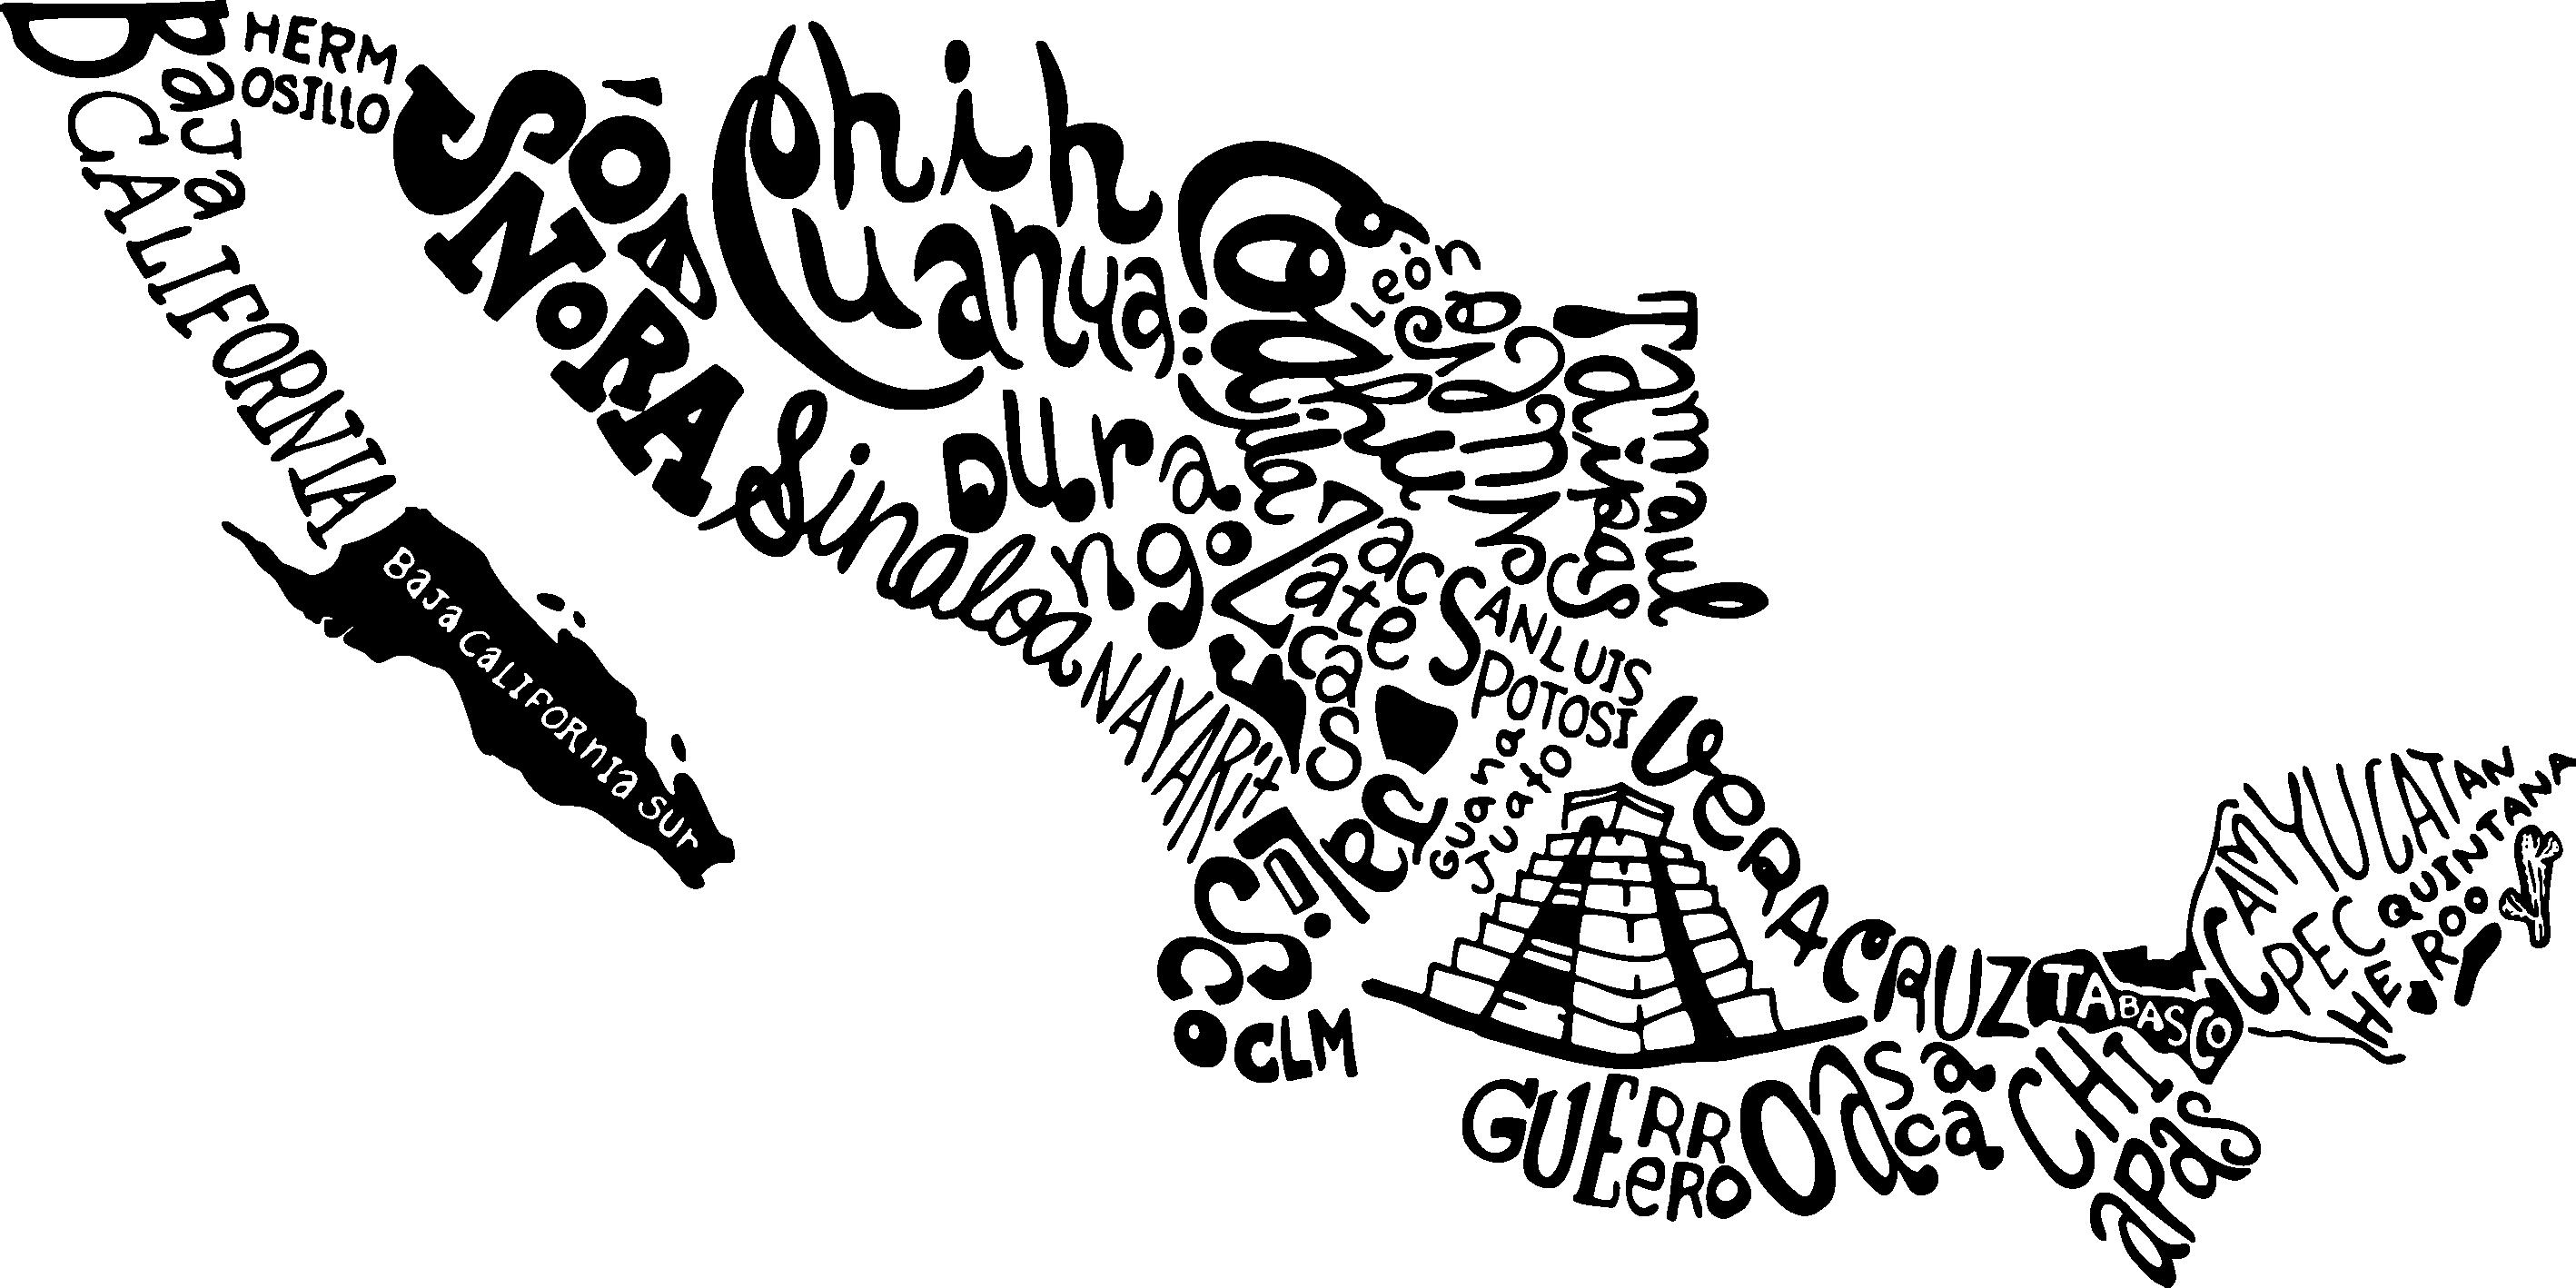 TenVinilo. Vinilo frase mapa México nombres. Vinilo adhesivo formado por el mapa de México el cual está representado por los diferentes estados que lo forman. Vinilos Personalizados a medida.